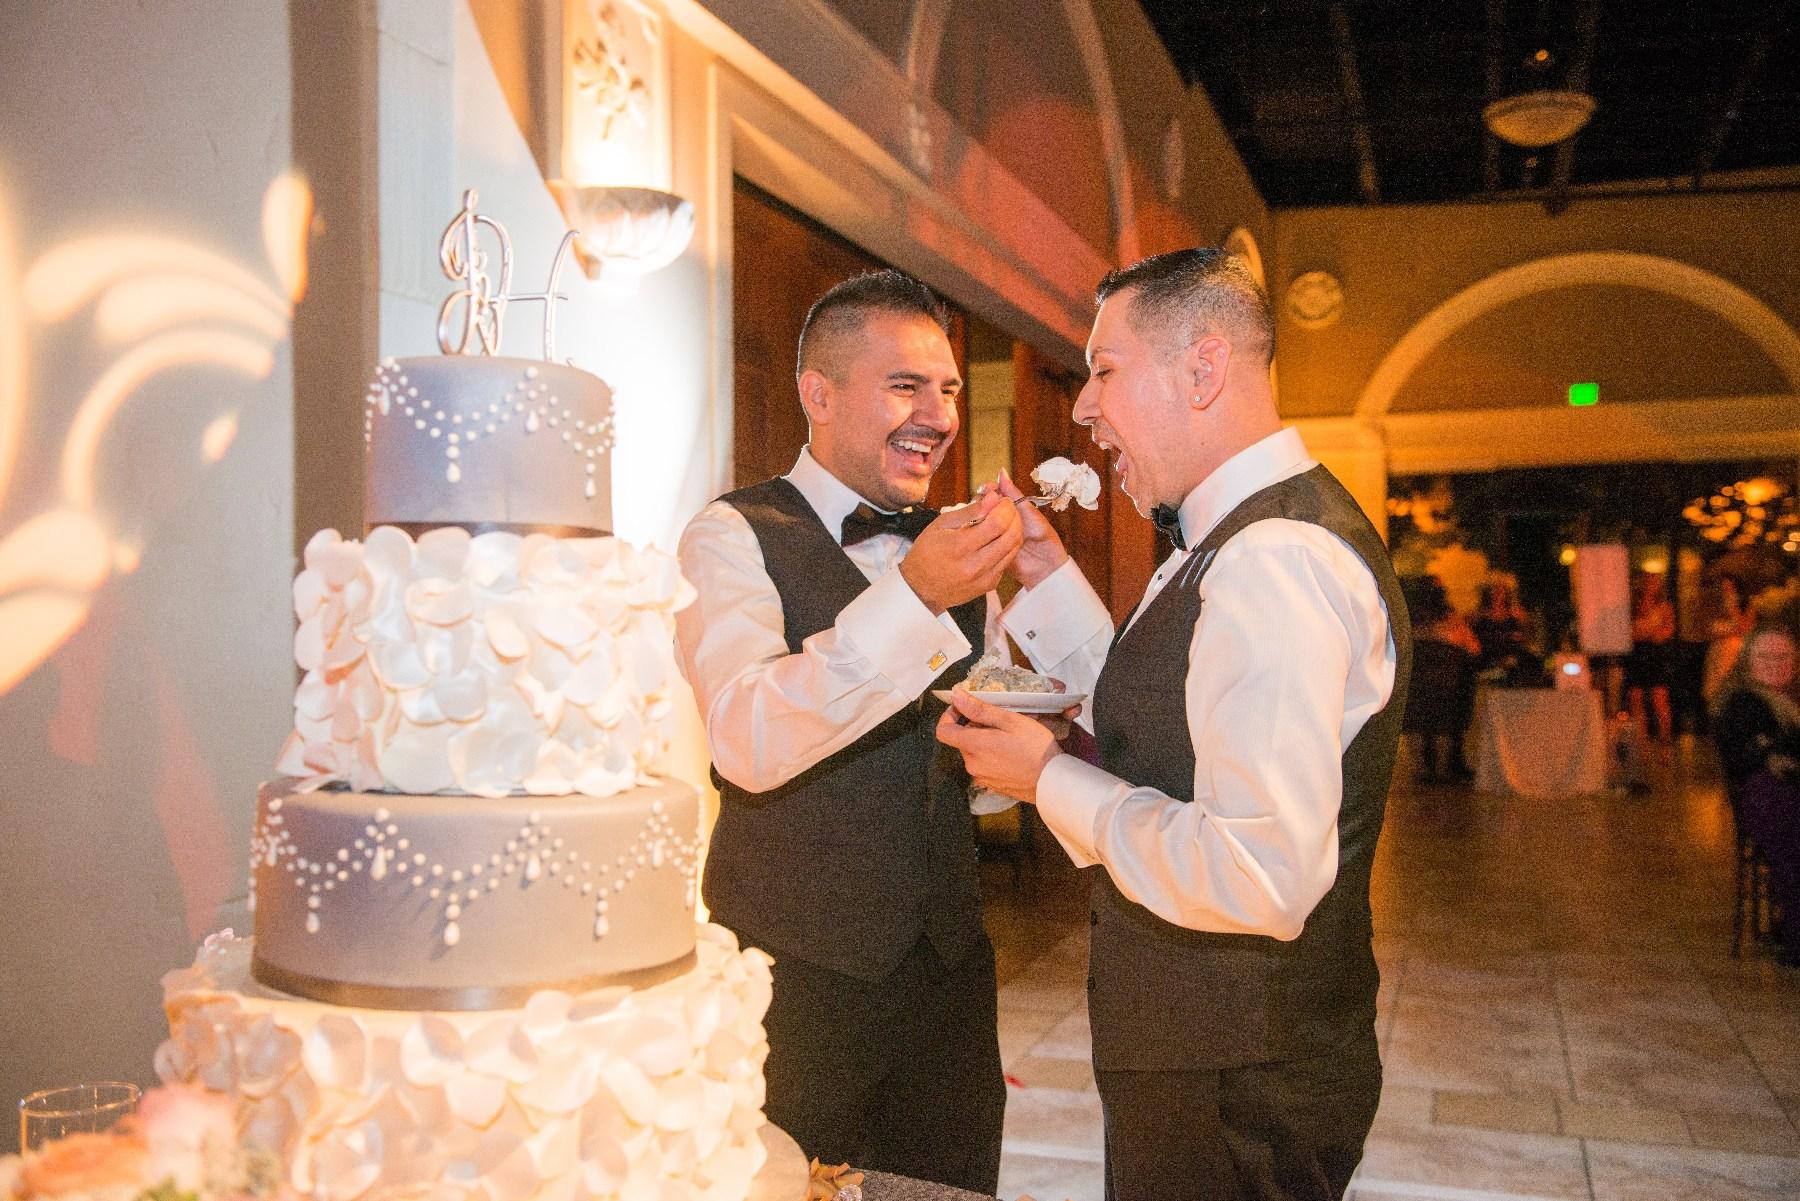 hugo and jimmy wedding 2014-10-05 43